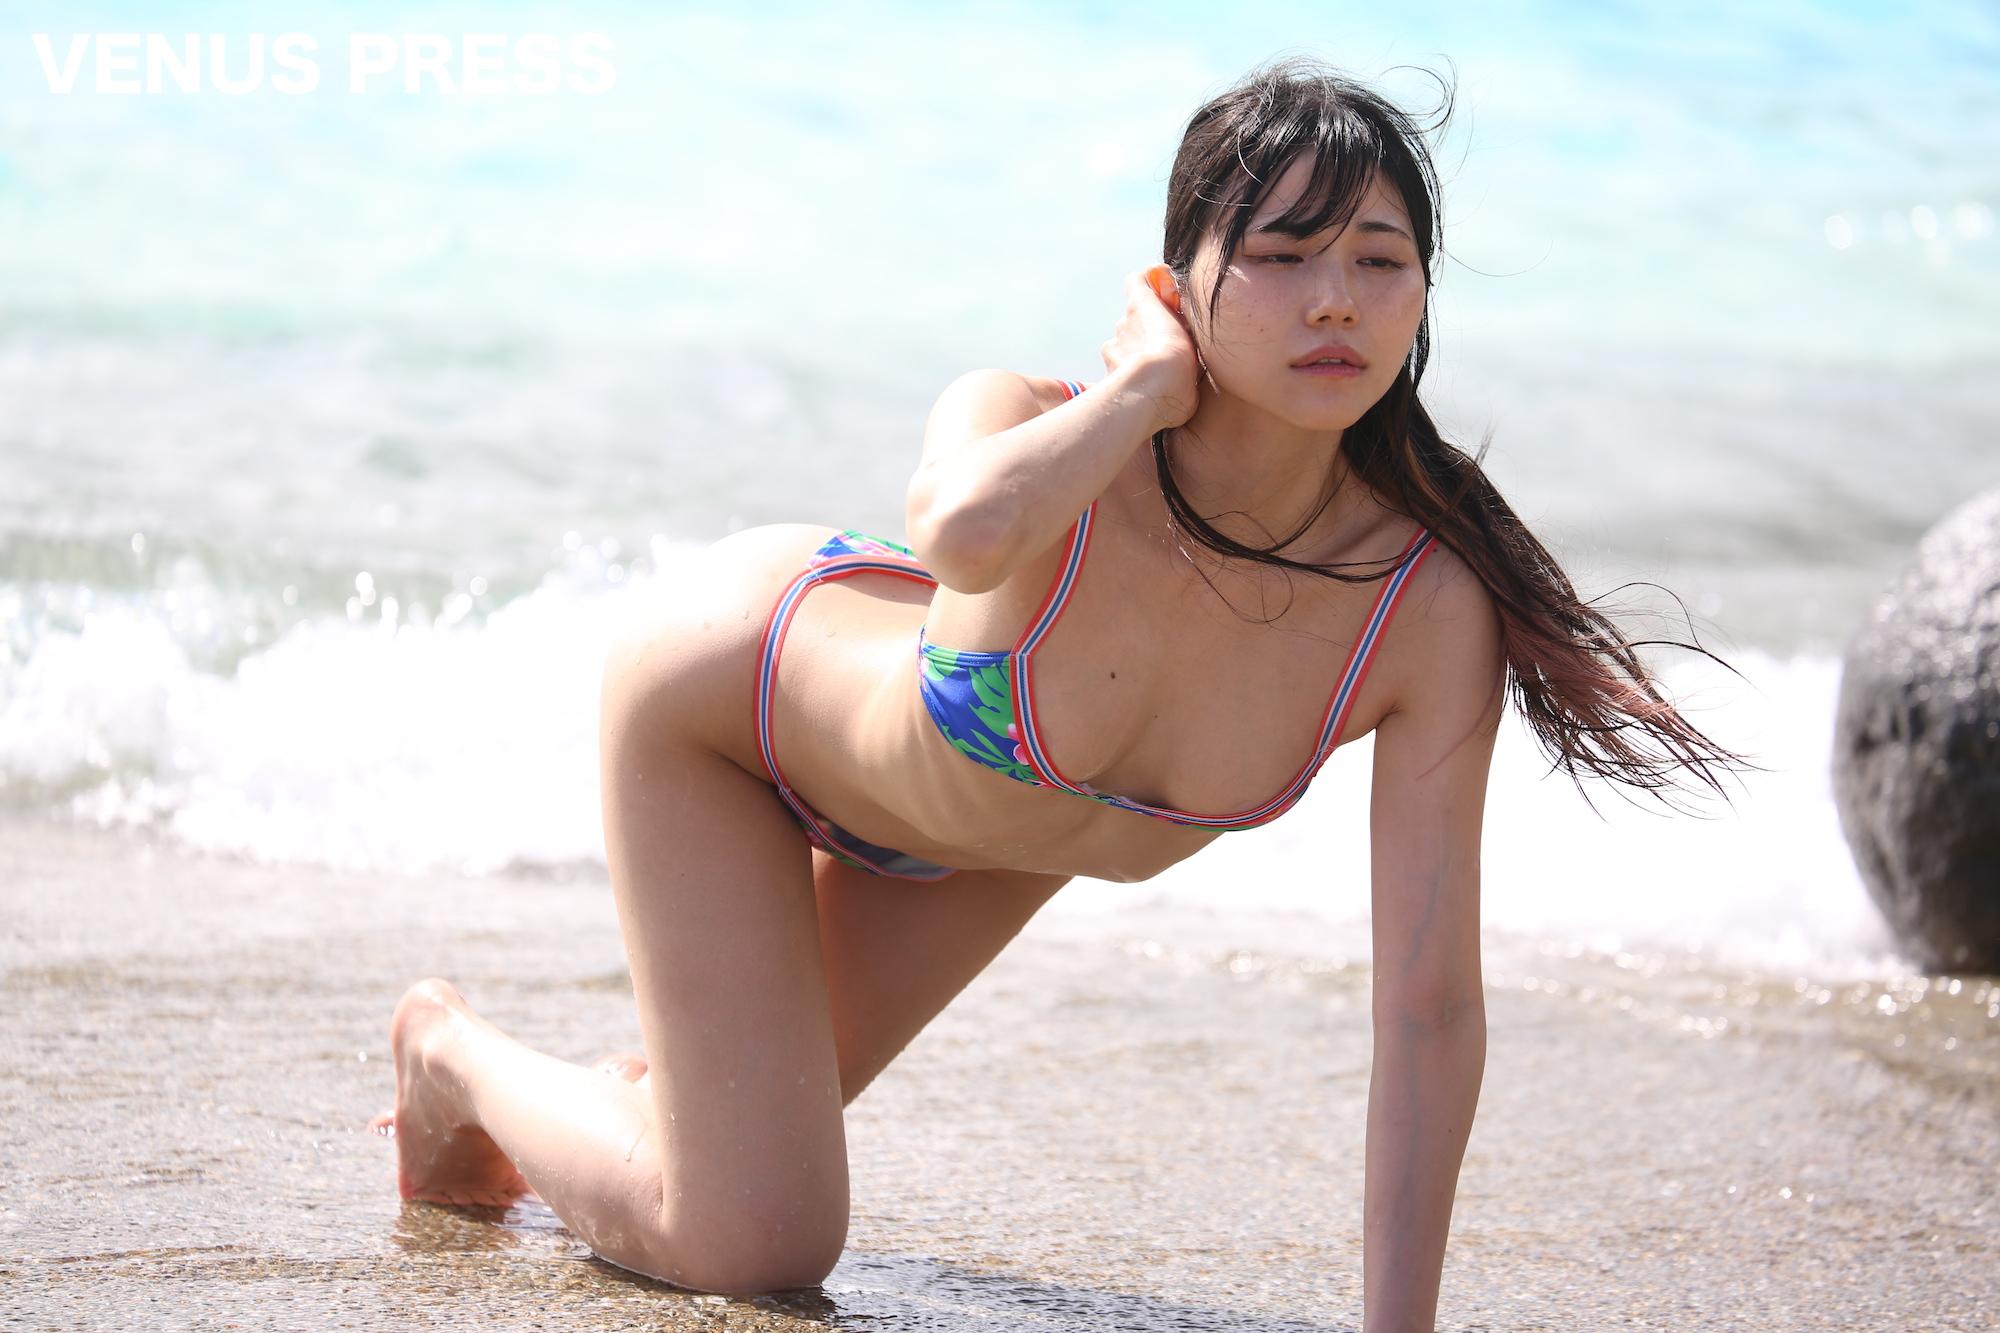 仁藤りさ(2019年9月23日、大磯ロングビーチにて/撮影:VENUS PRESS編集部)